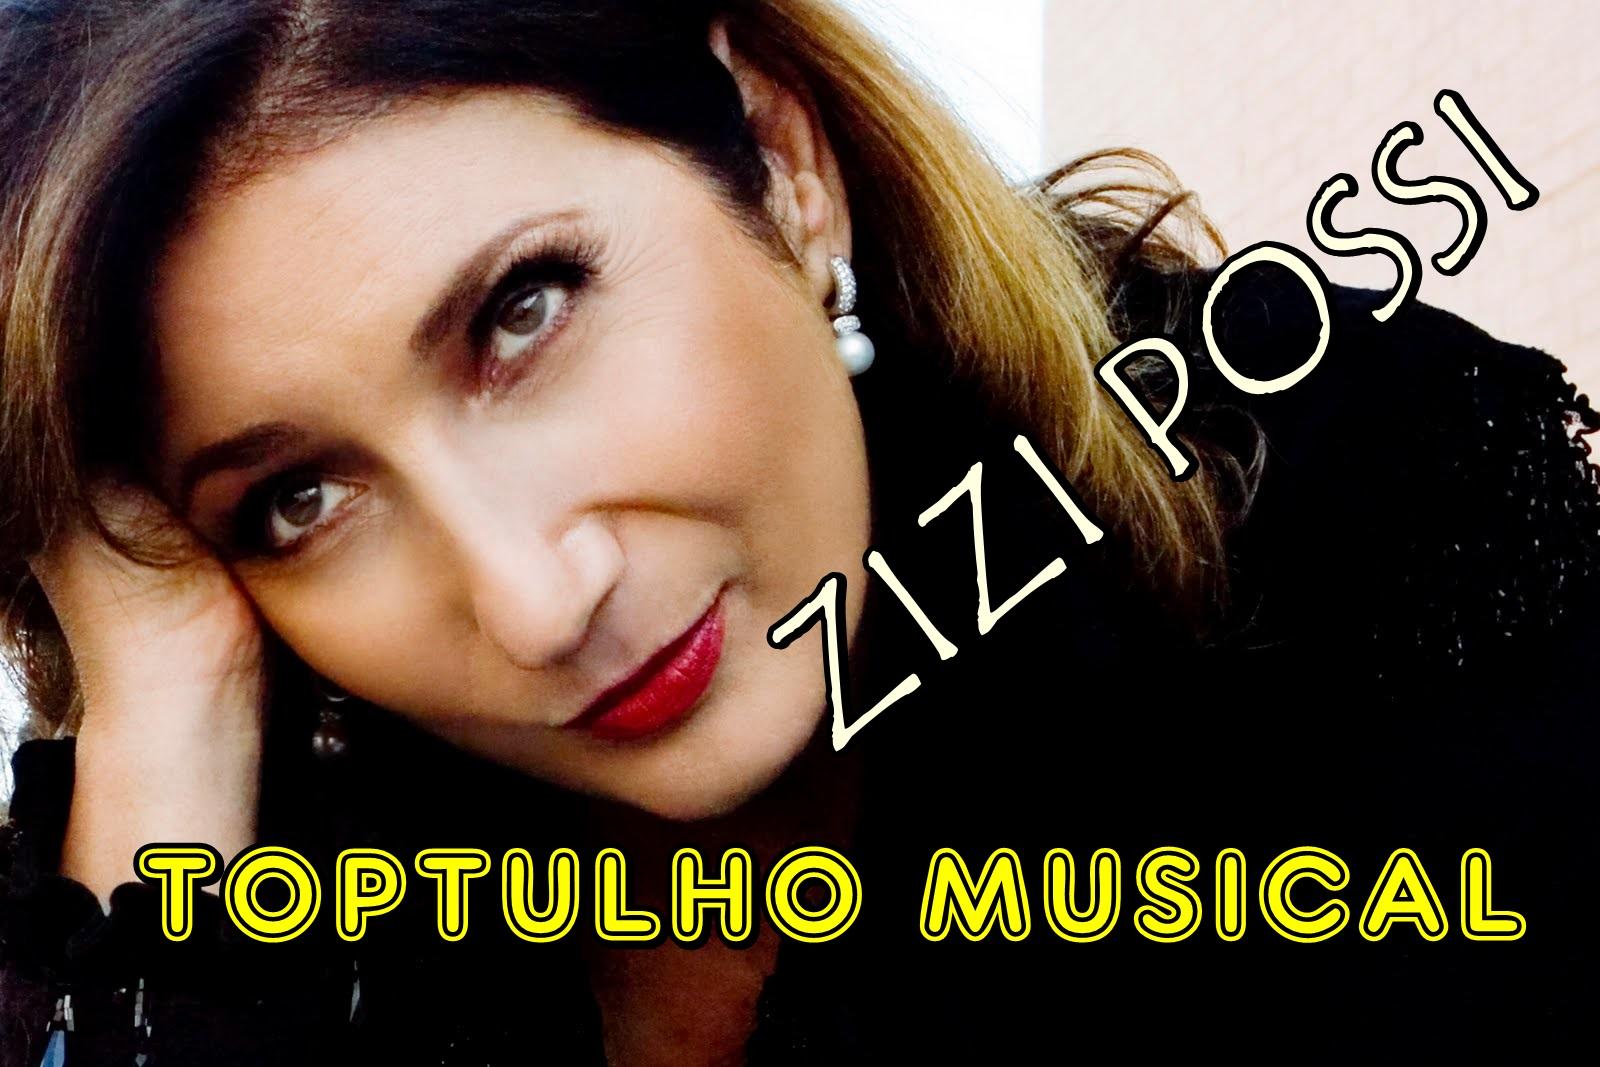 DOWNLOAD ZIZI HOUVER GRÁTIS OQUE HAJA POSSI MUSICA